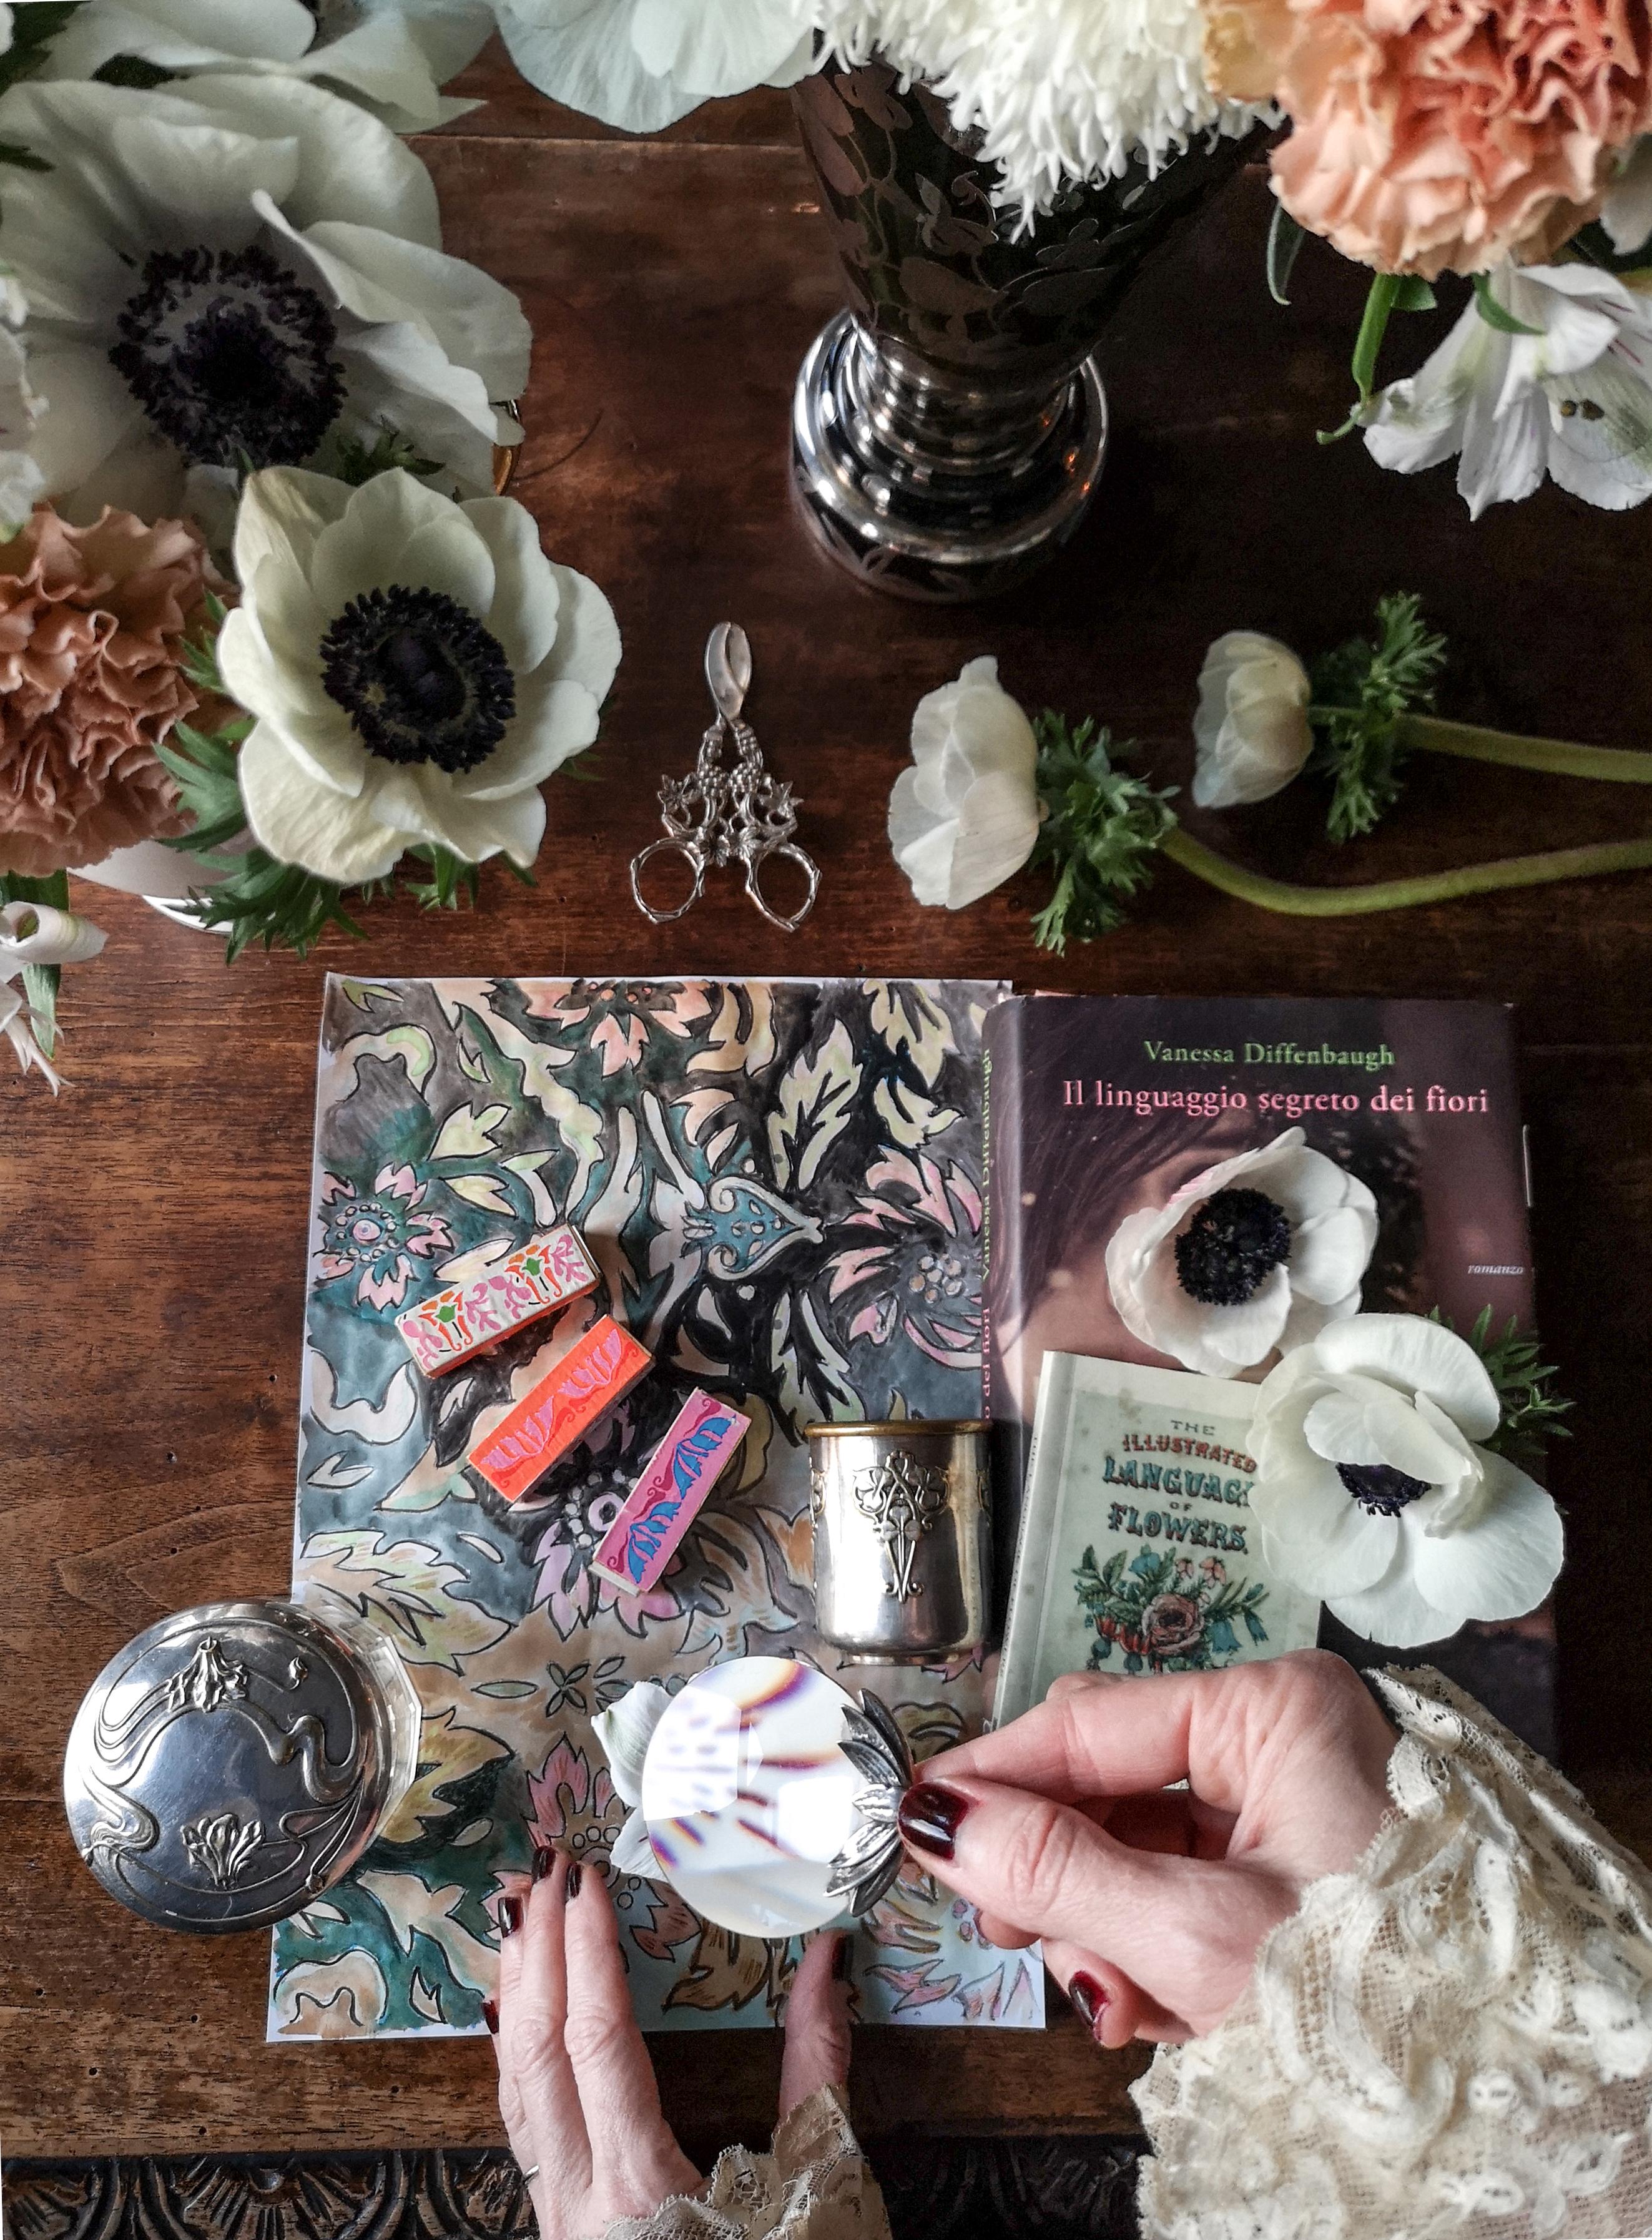 Blossom-zine-spring-linguaggio-segreto-dei-fiori-